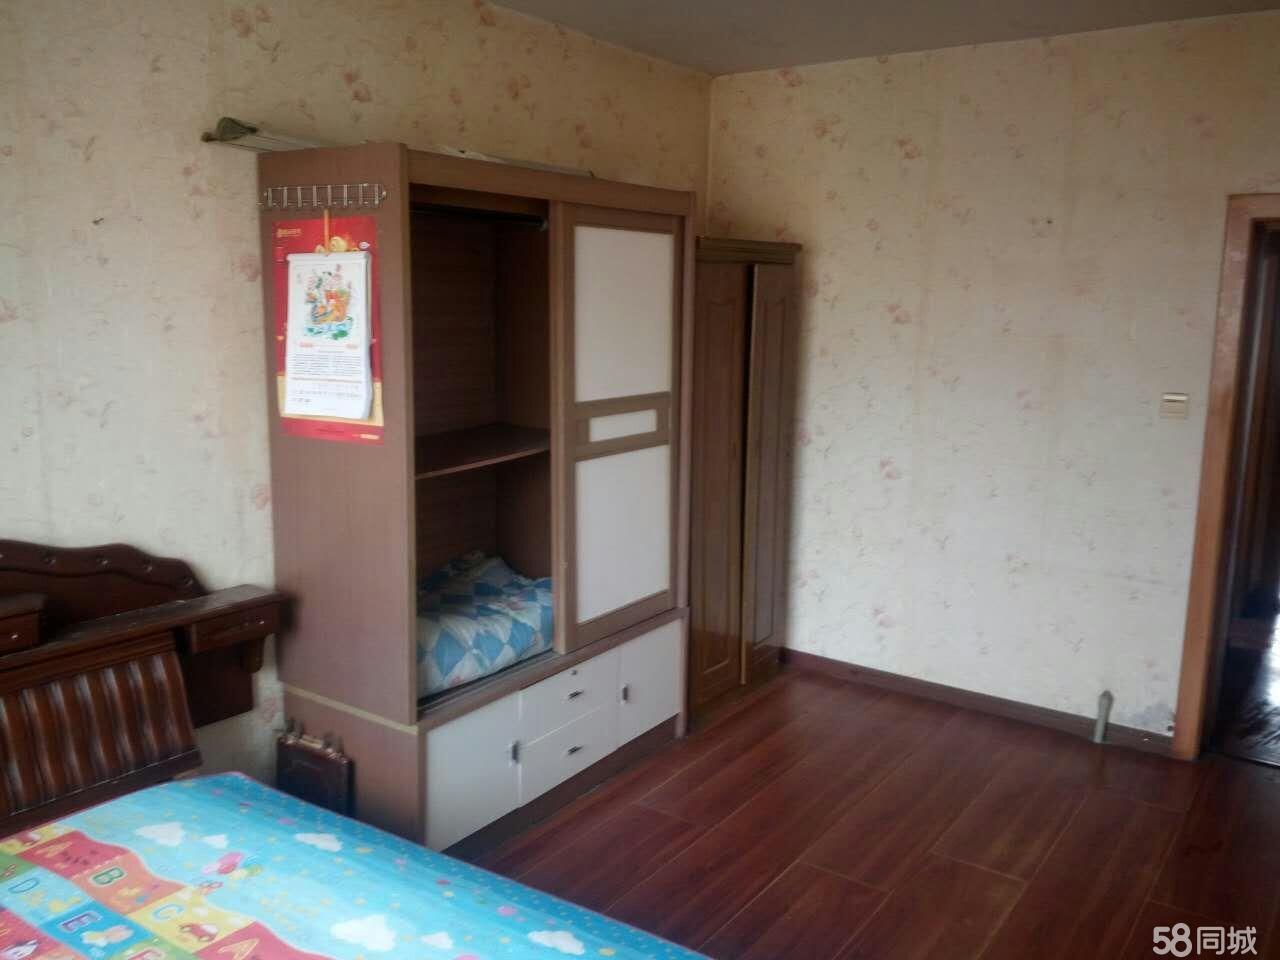 东方雅苑2室1卫2厅季付年付900元中装